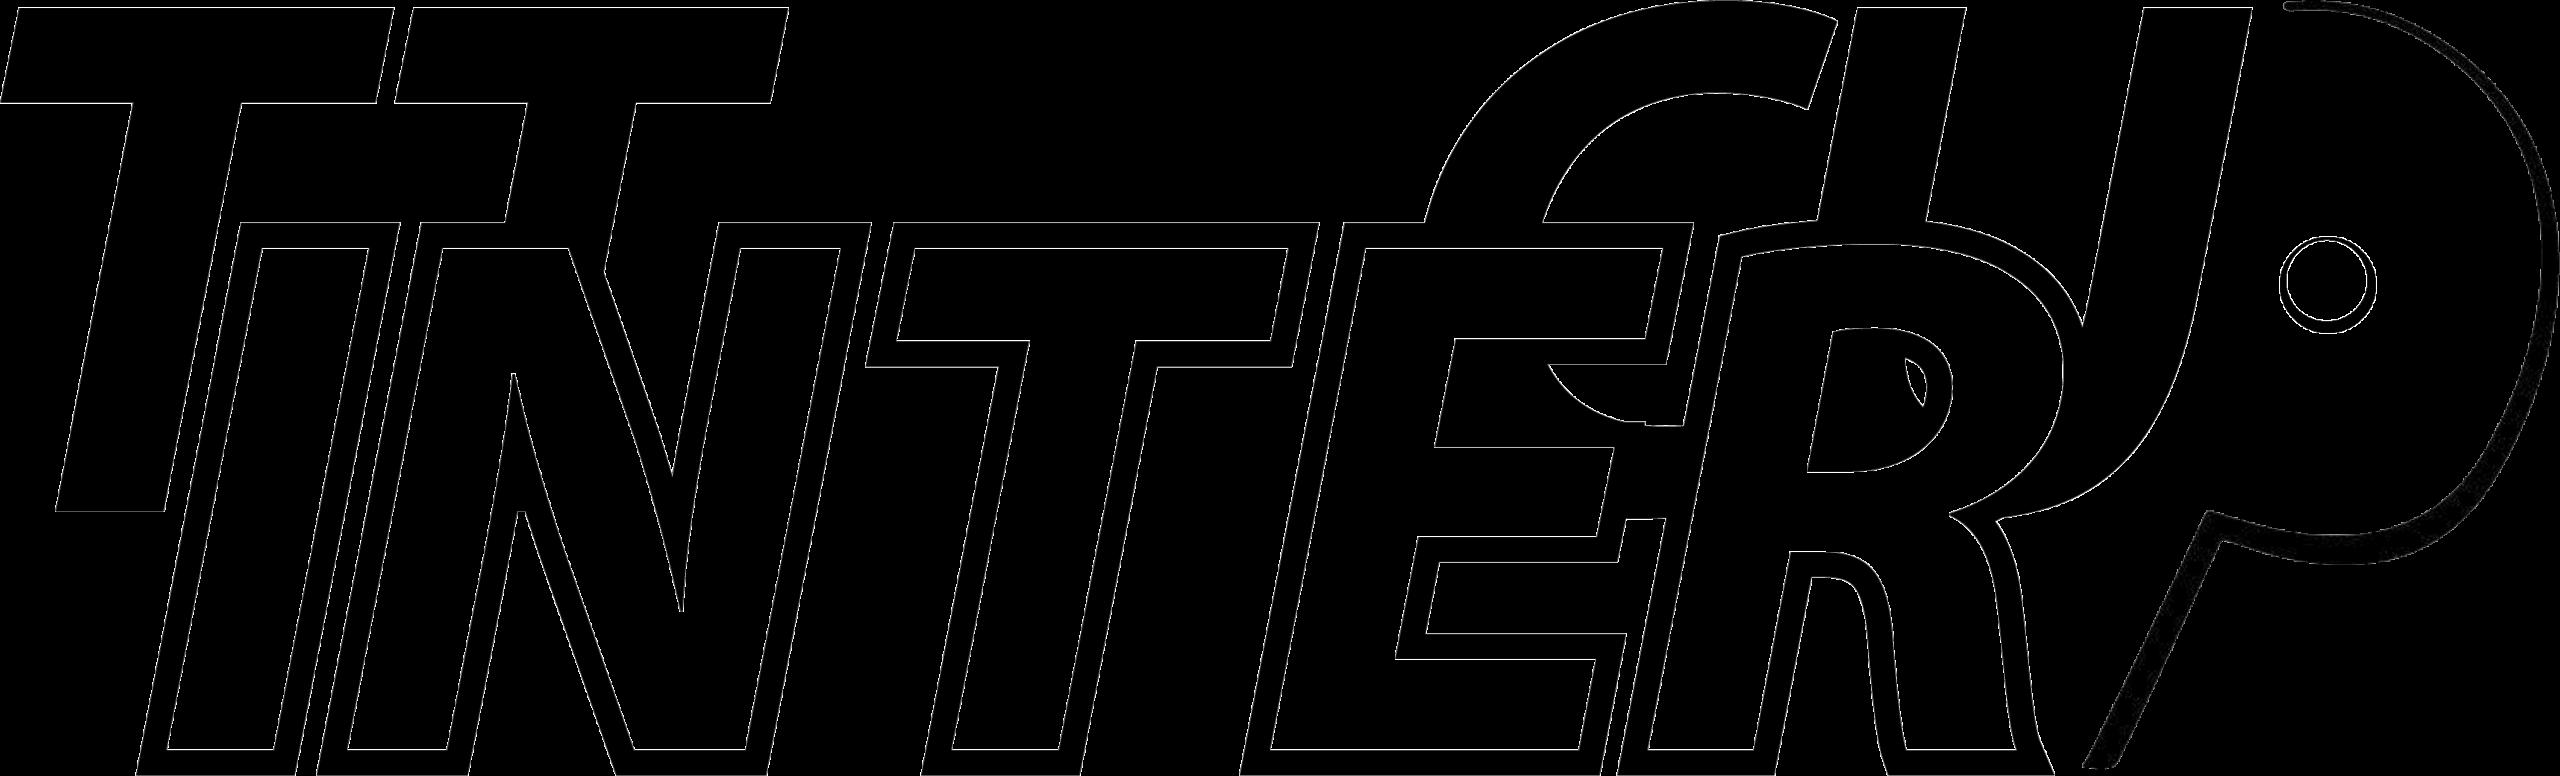 TT-INTERCUP